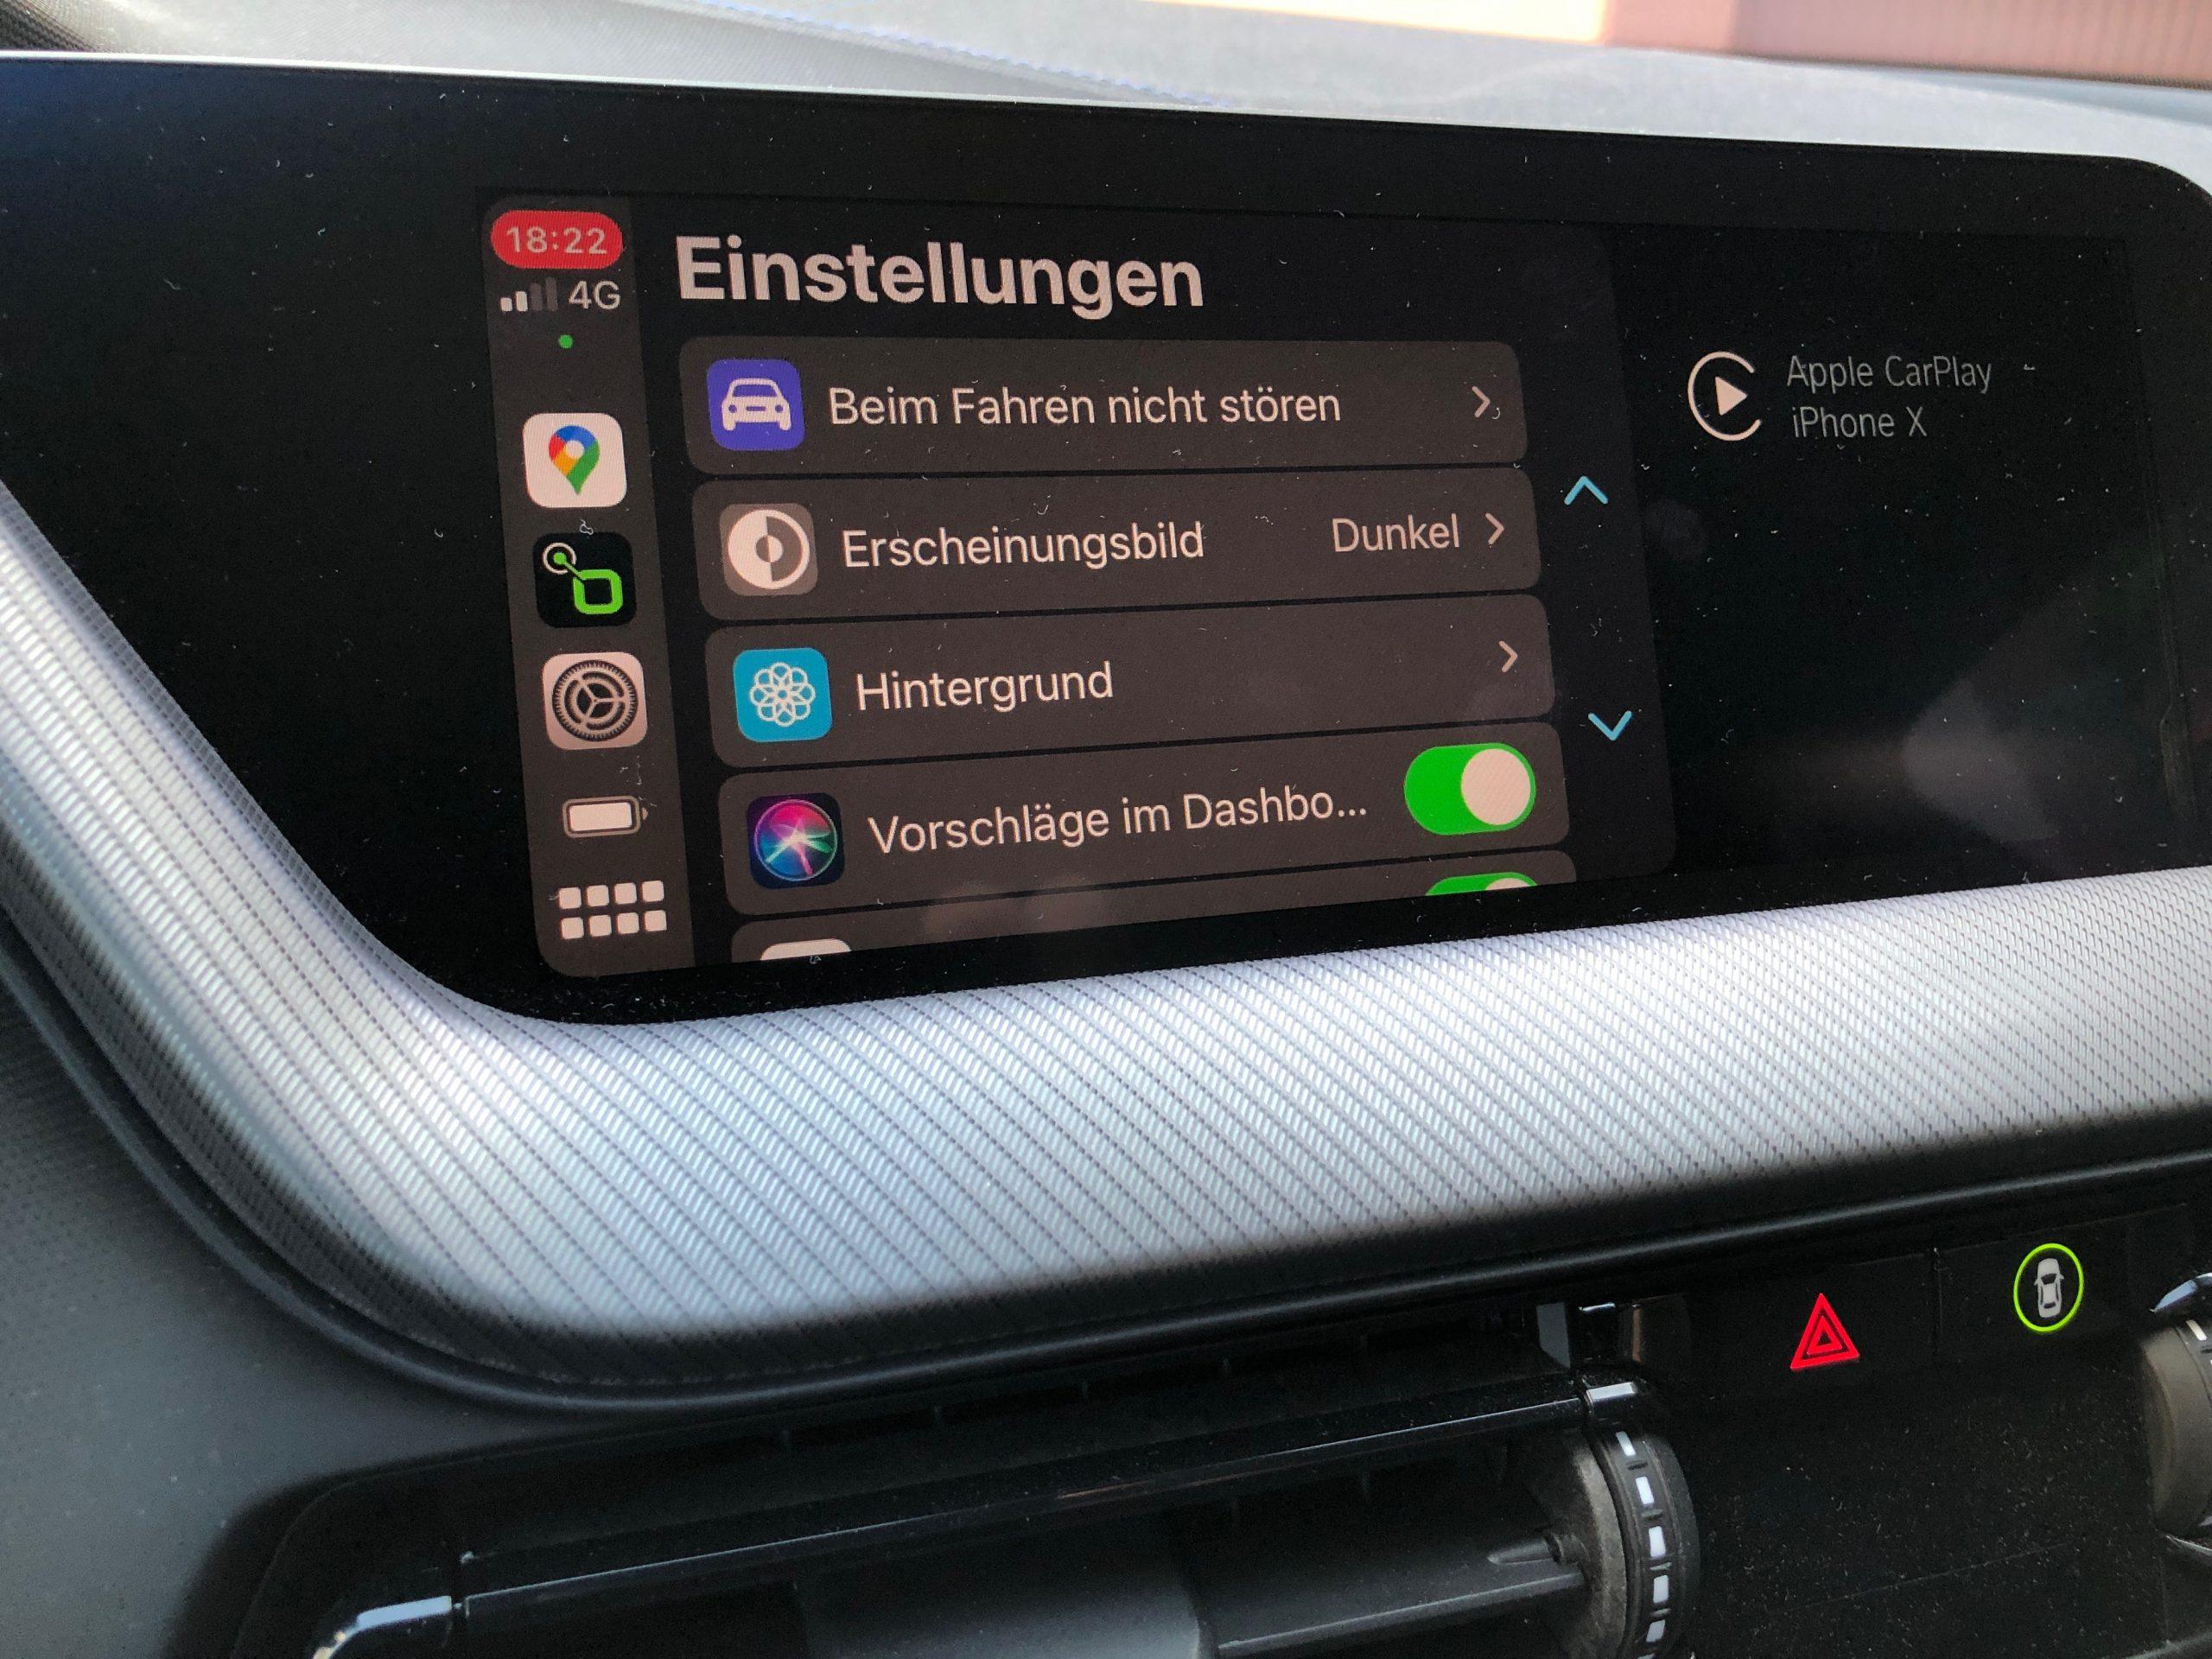 iOS 14 Car Play